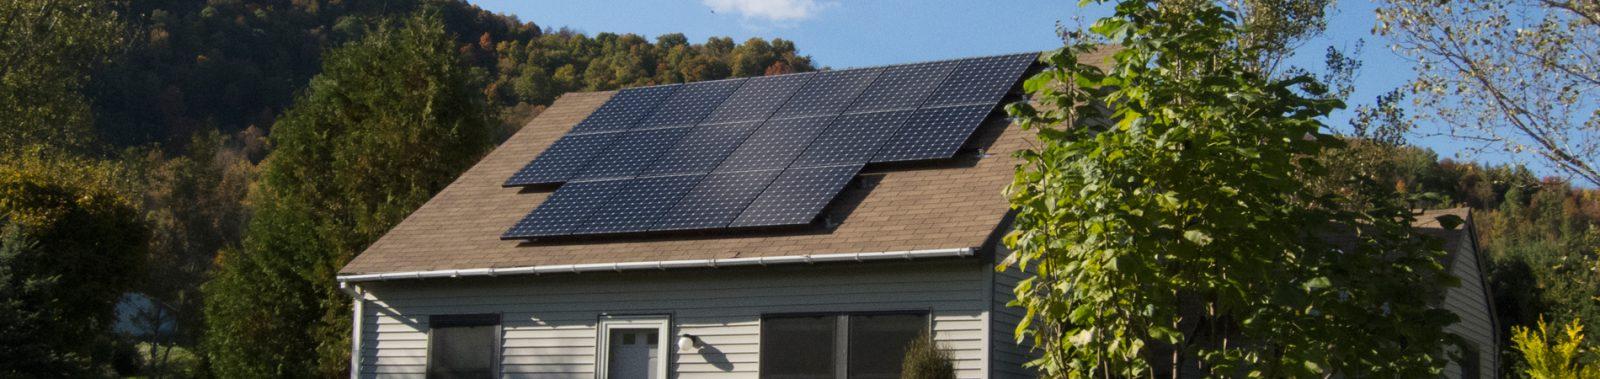 Home Solar Hero Slider 3